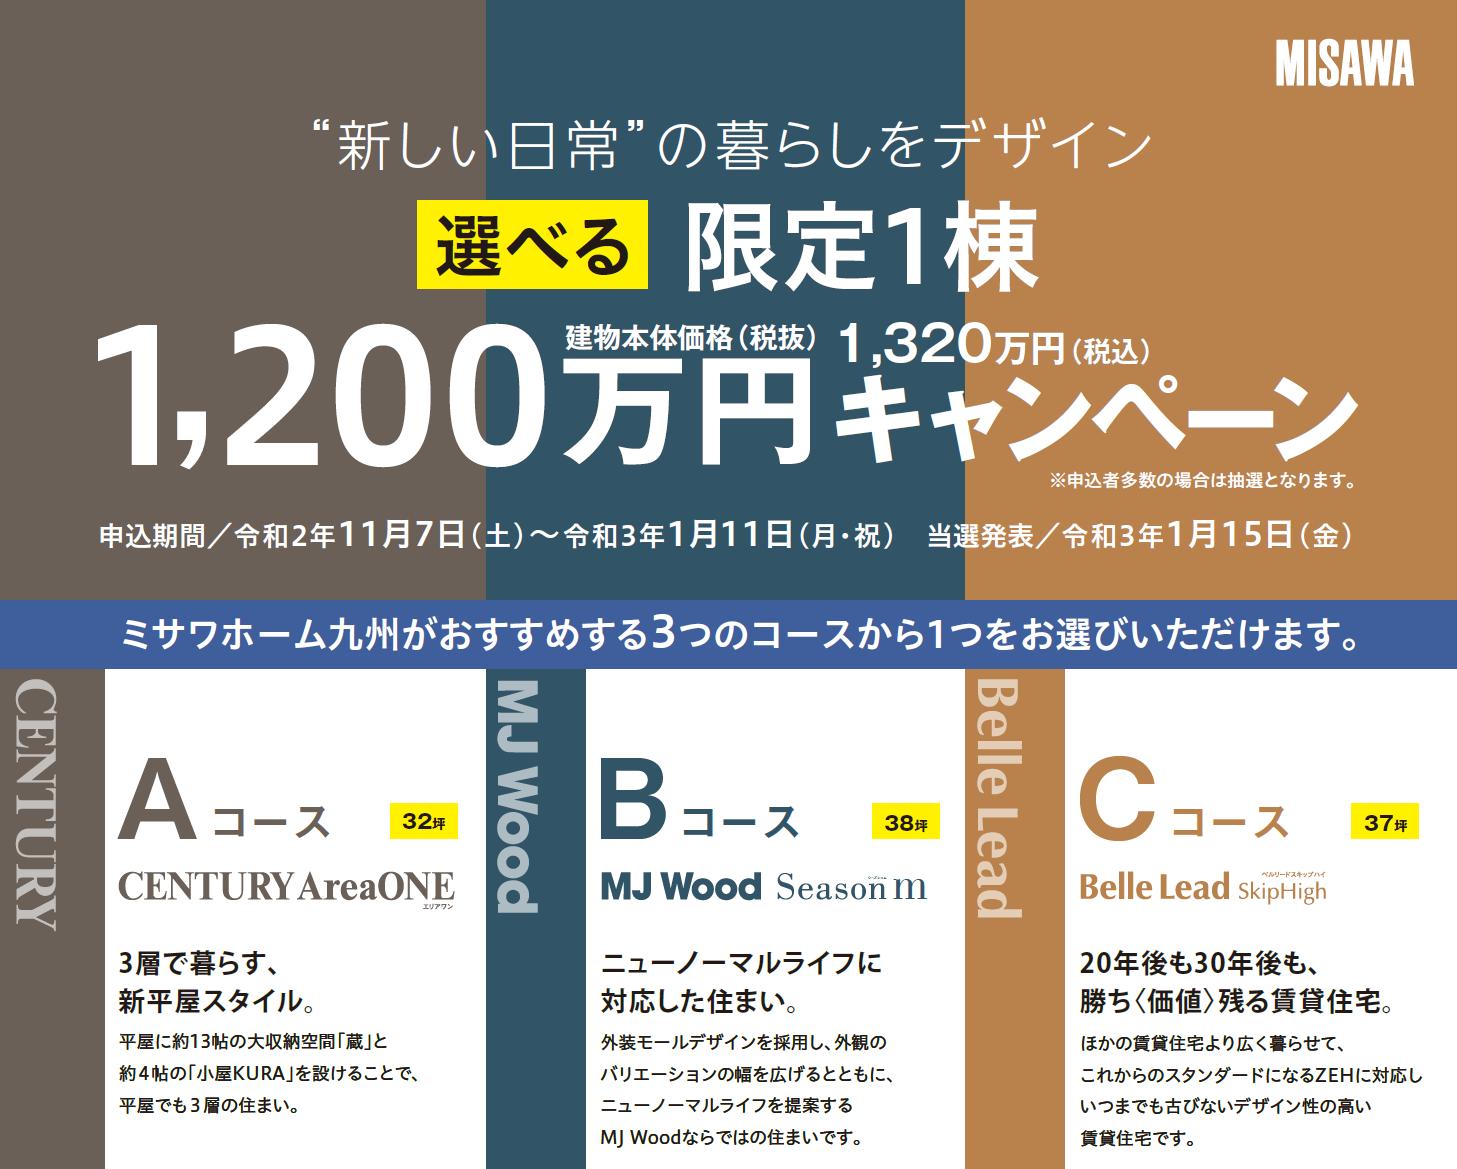 【ミサワホーム九州】選べる限定1棟1200万円キャンペーン!!